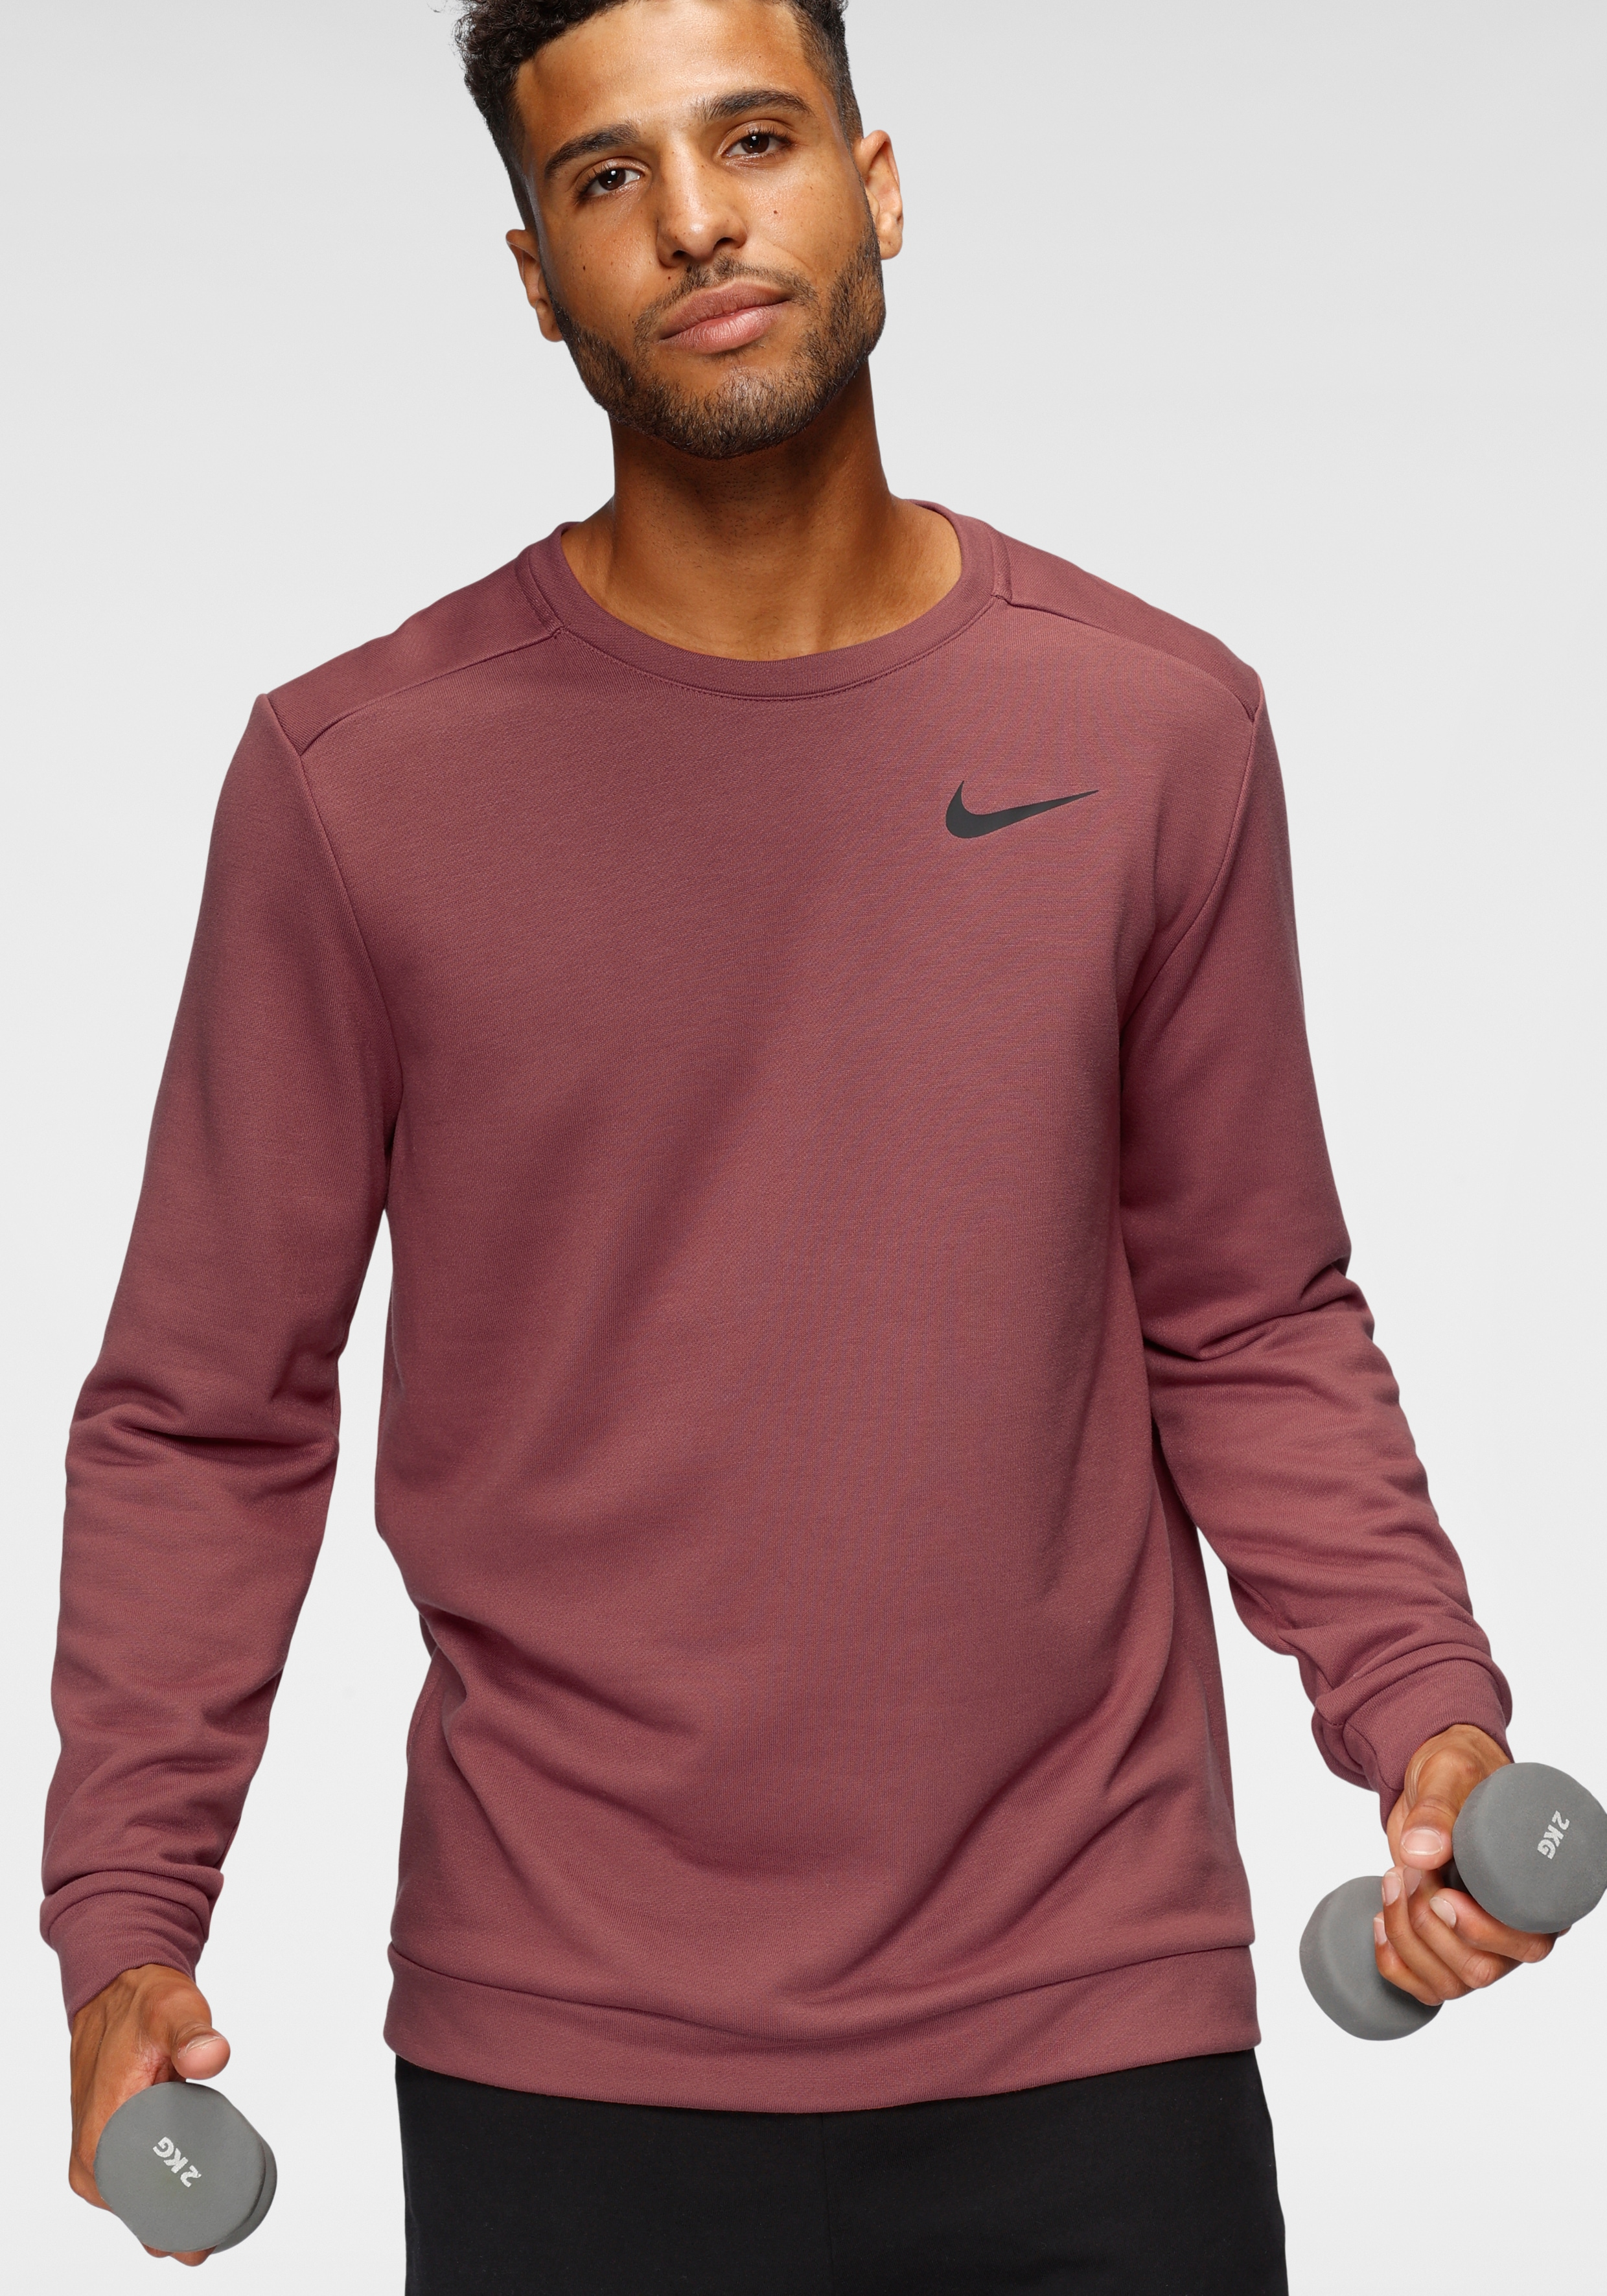 Nike Sweatshirt Men's Fleece Training Crew rot Herren Sweatshirts -jacken